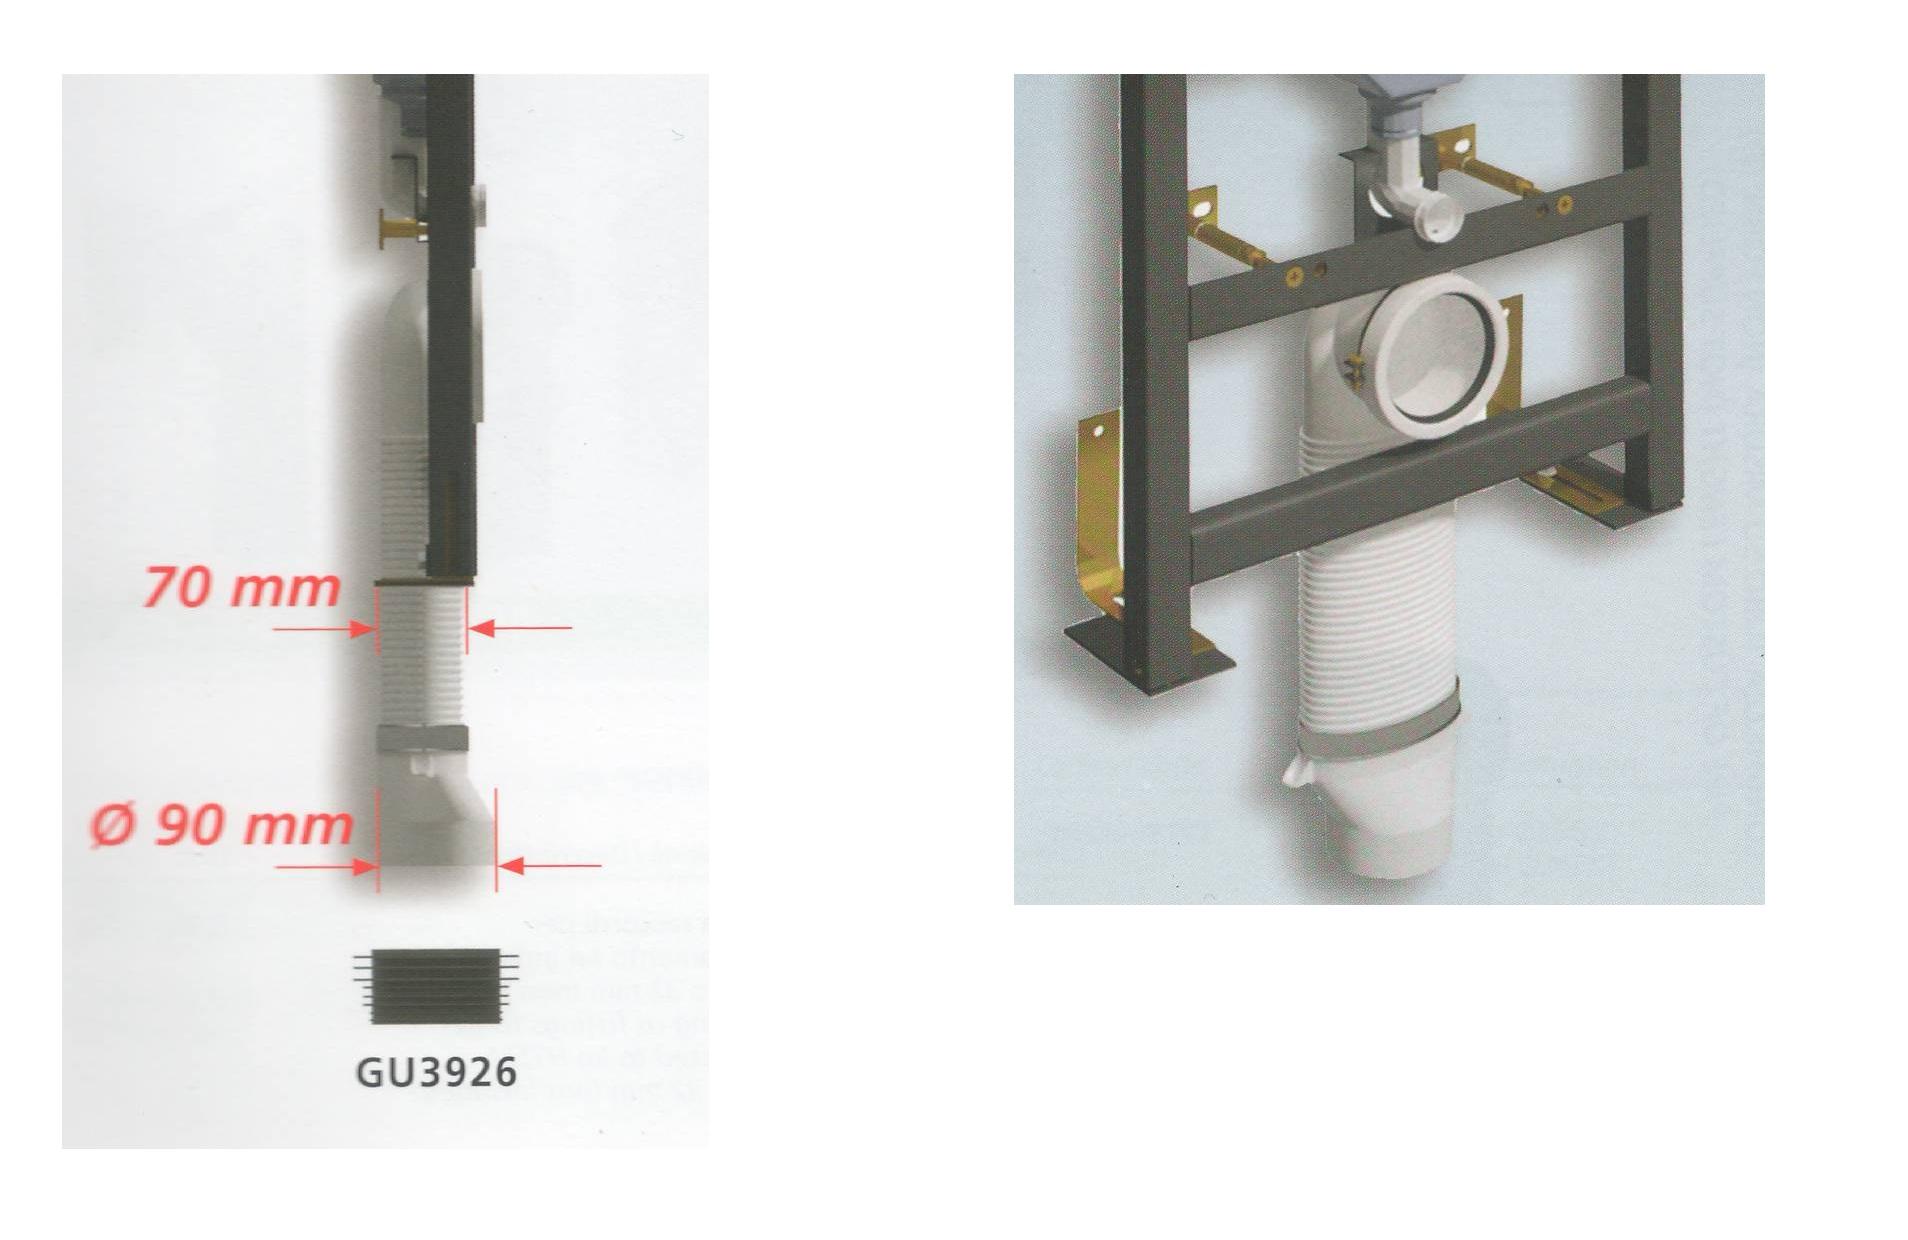 Dimensione Tubo Scarico Wc.Diametro Scarico Wc A Pavimento Come Riparare Il Water Che Perde